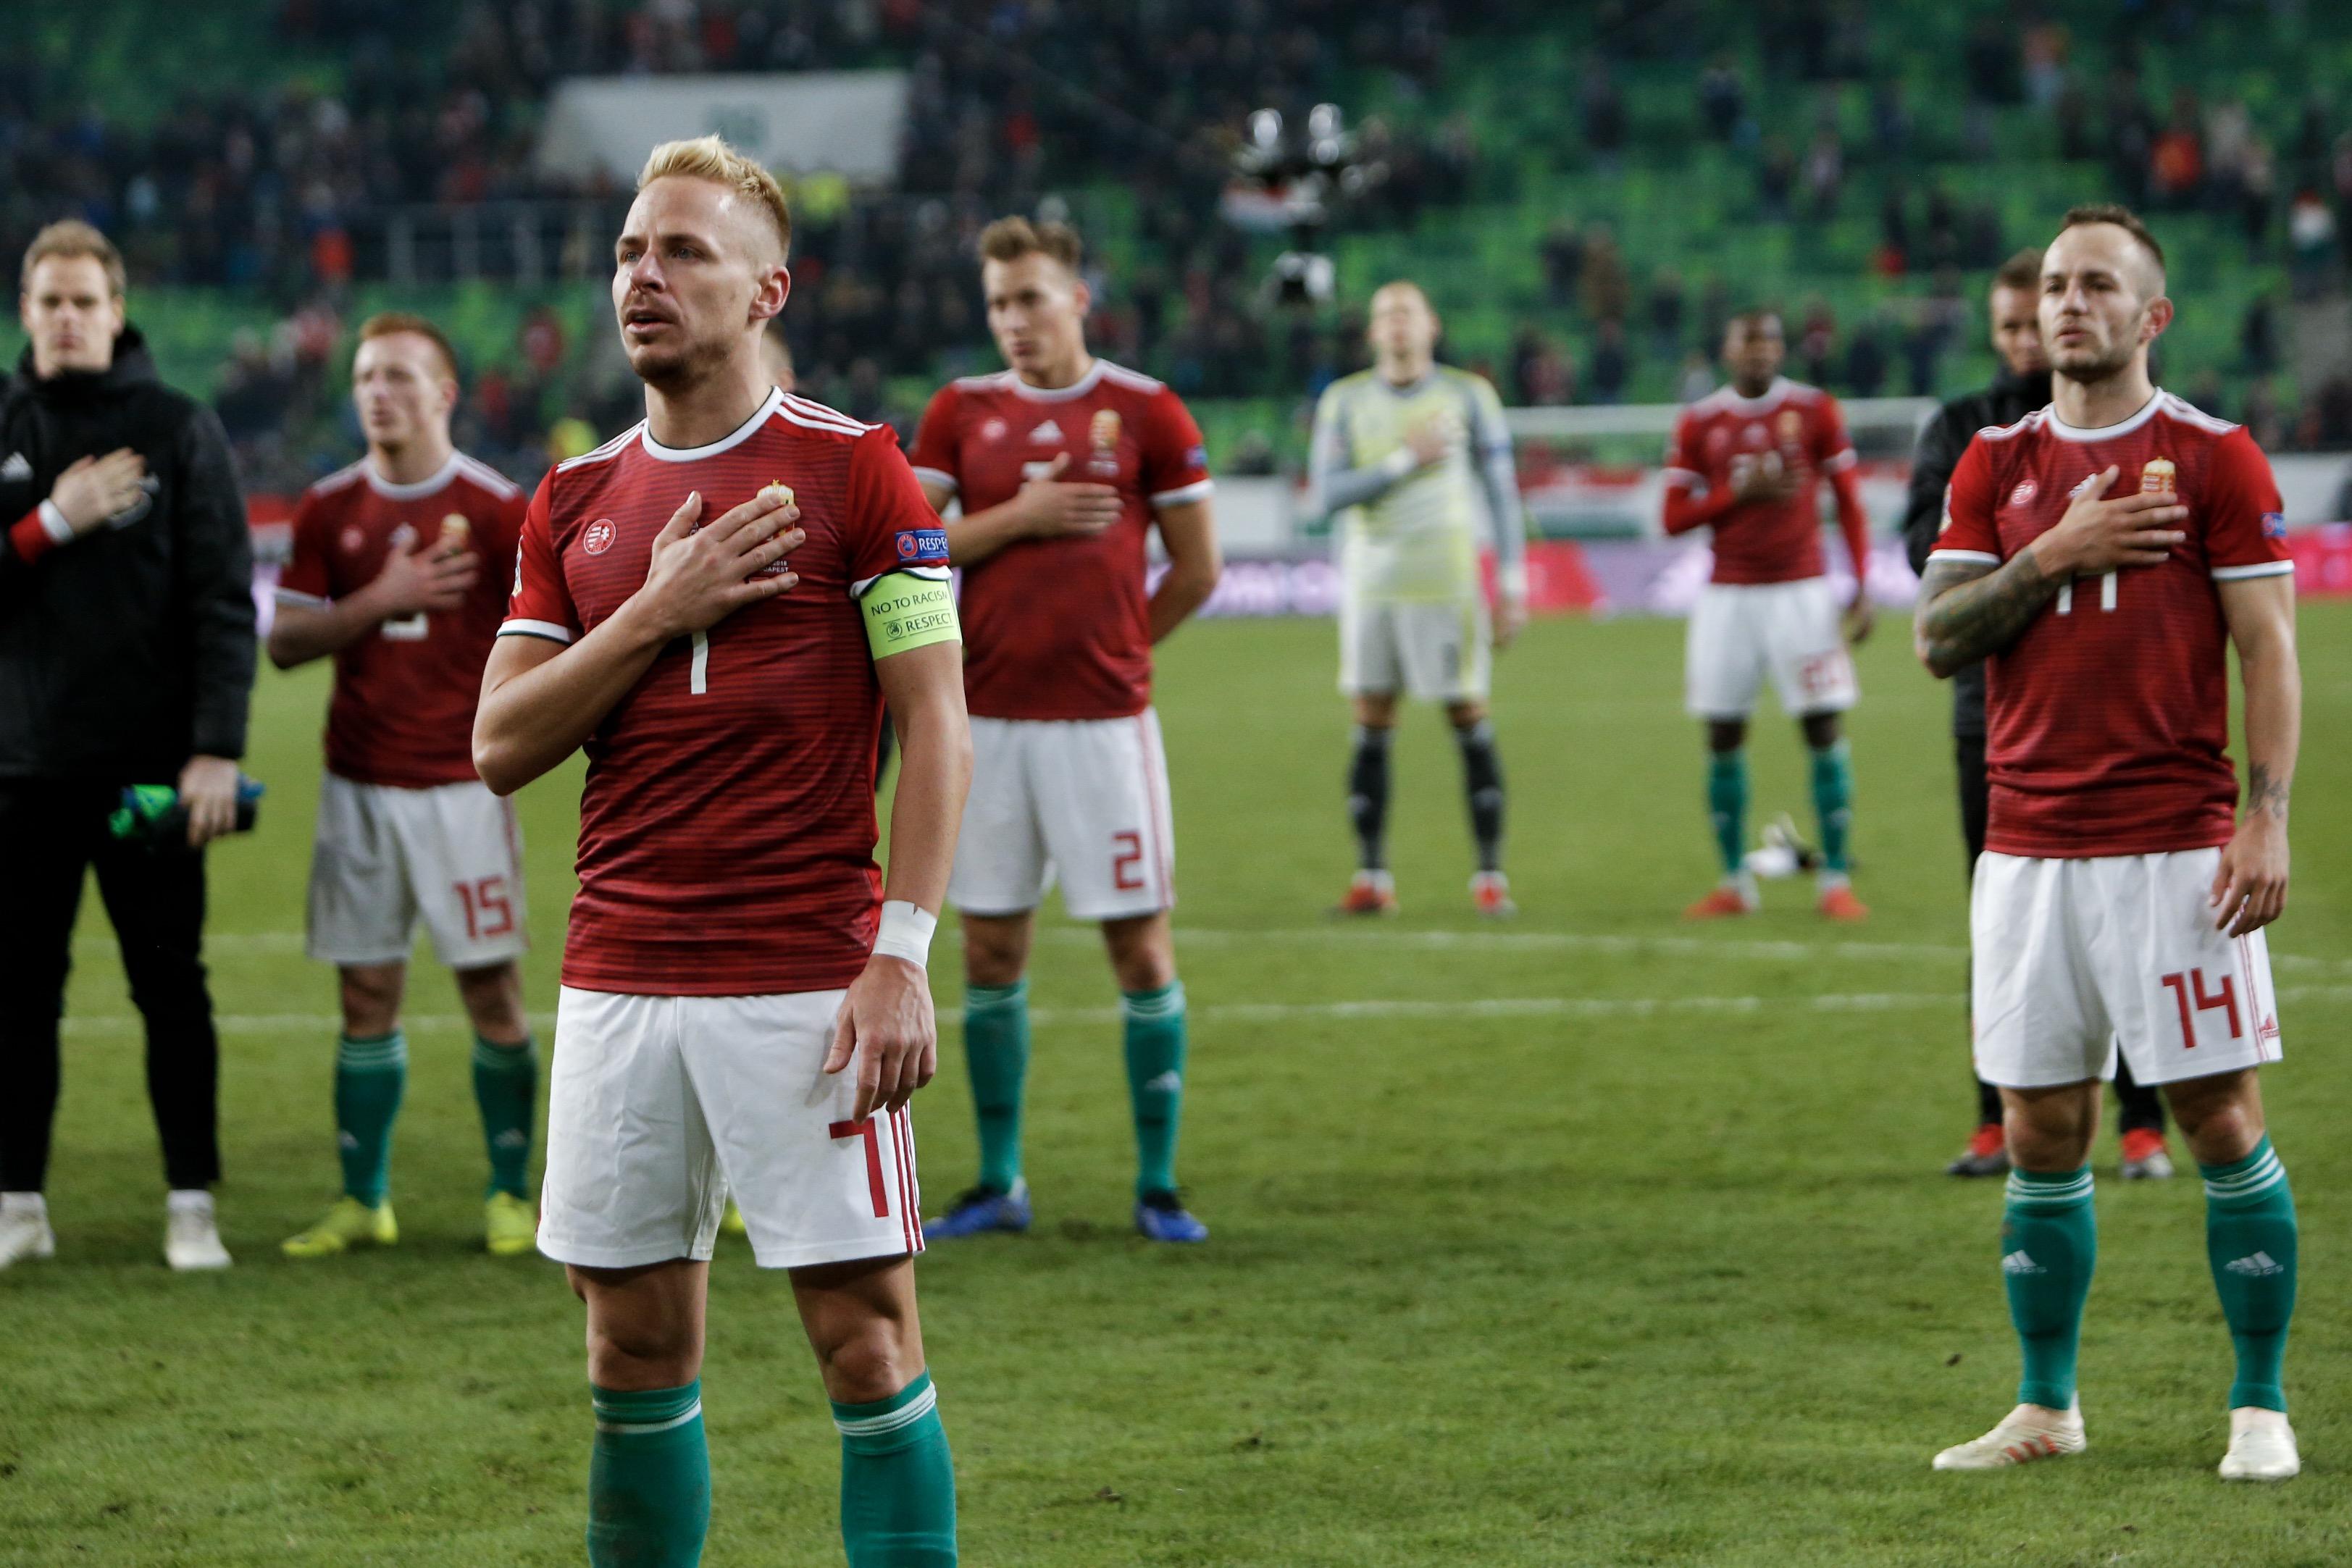 Két és fél év után újra van válogatott labdarúgó-csapata Magyarországnak bdaee101e7